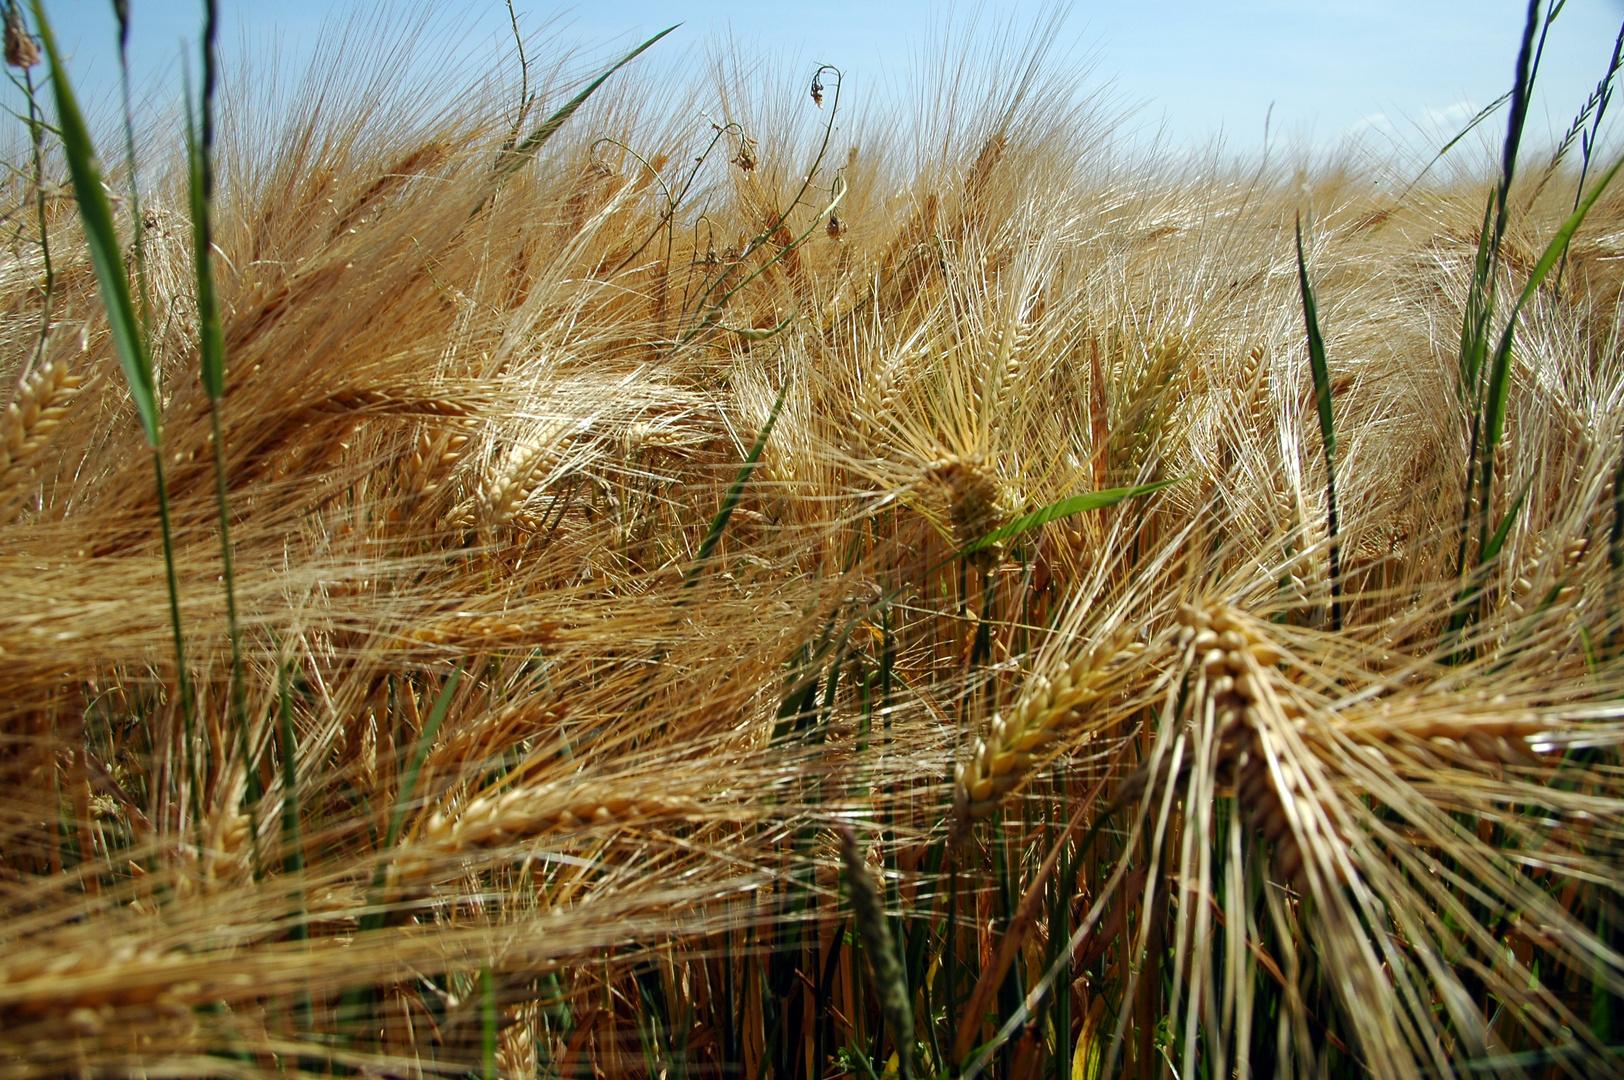 Vague de blé